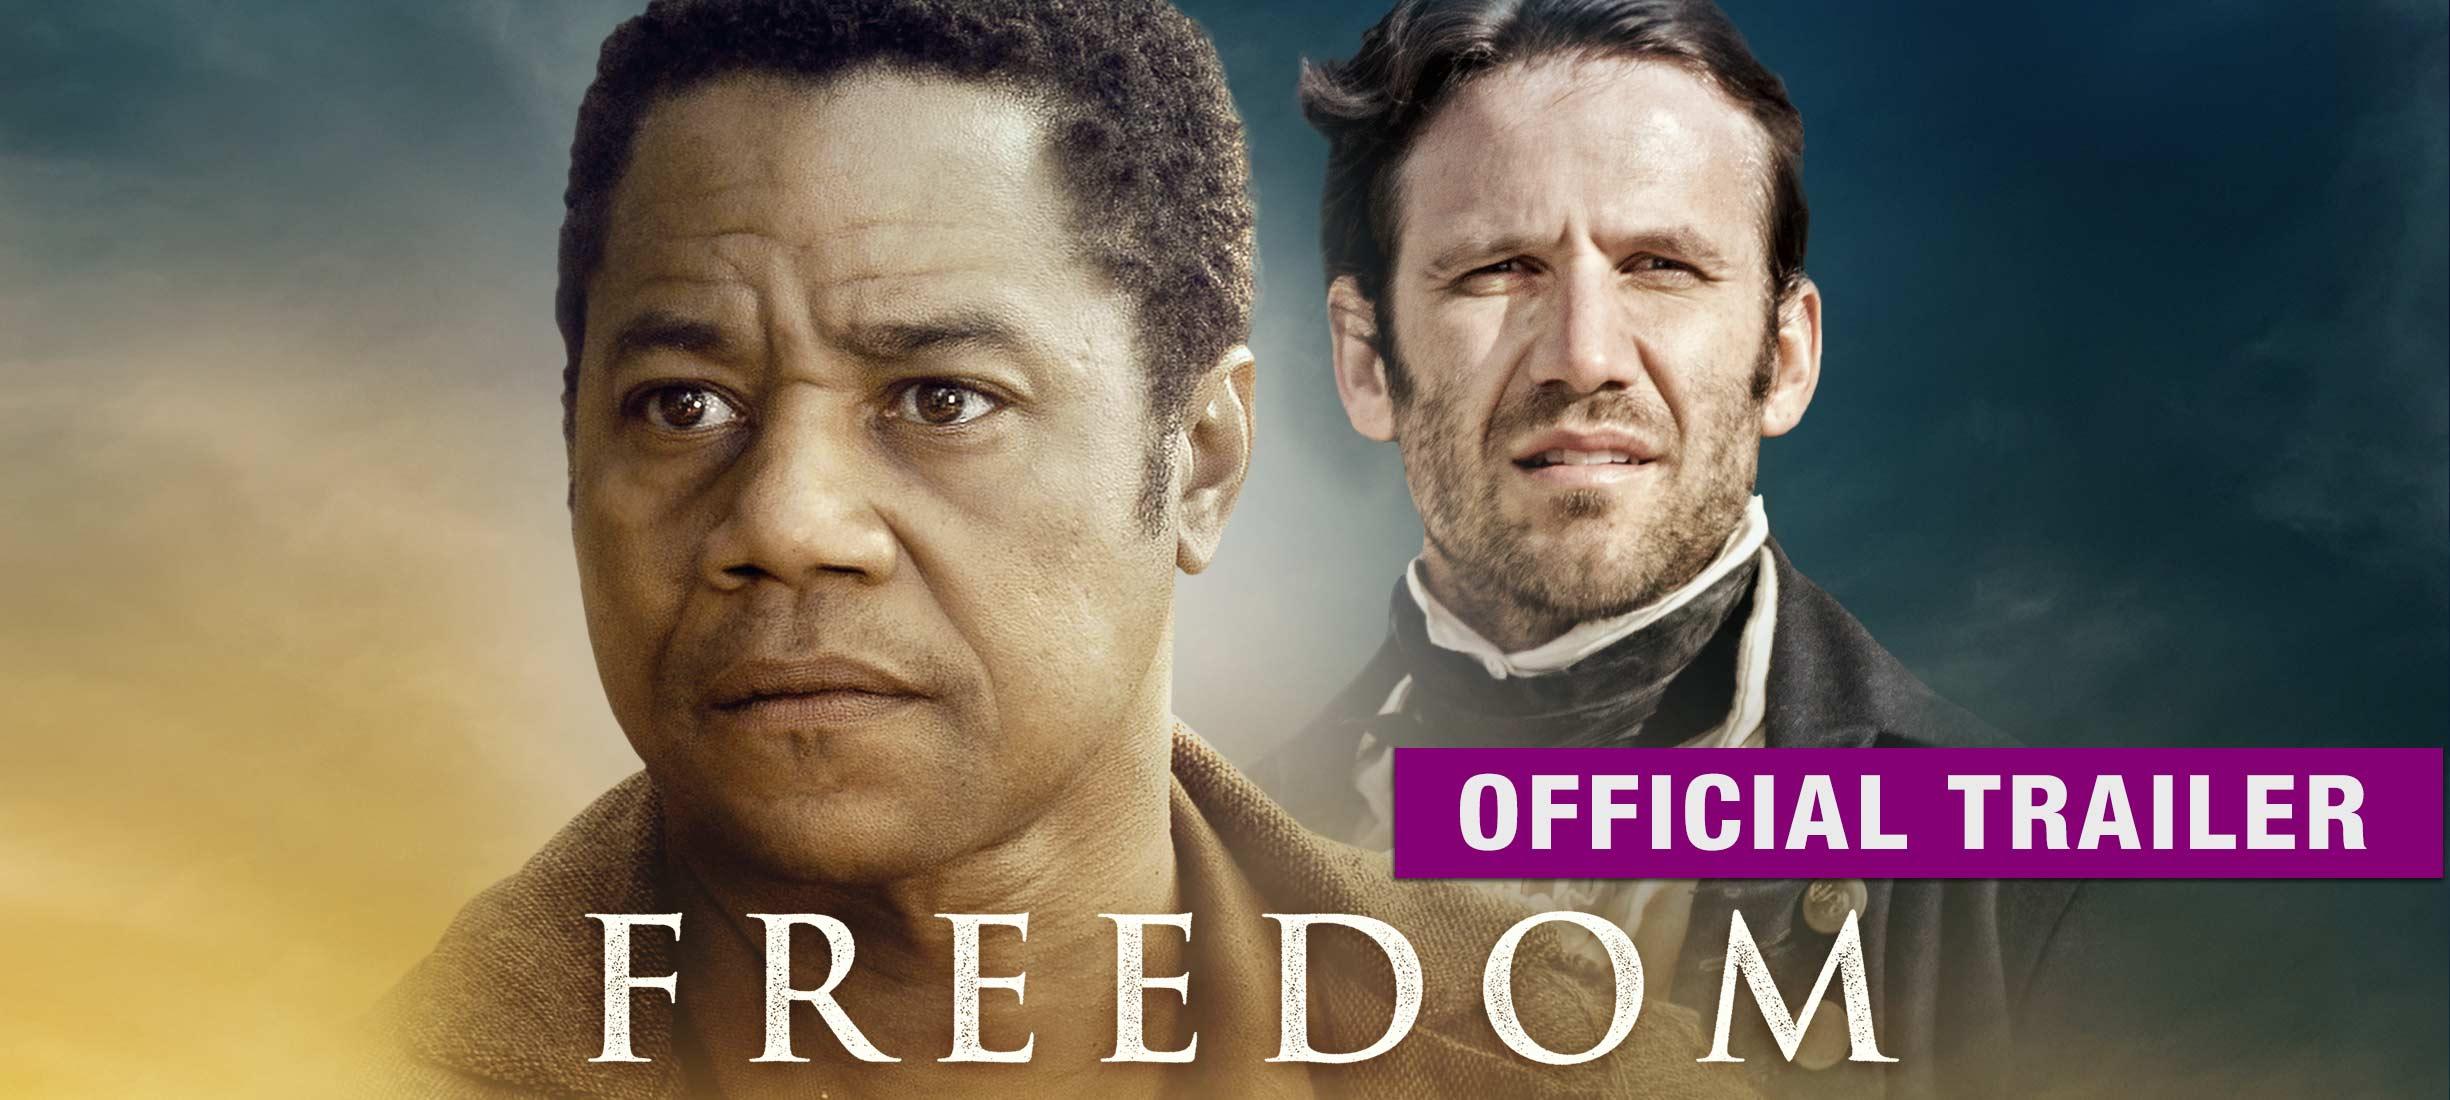 Freedom: Trailer